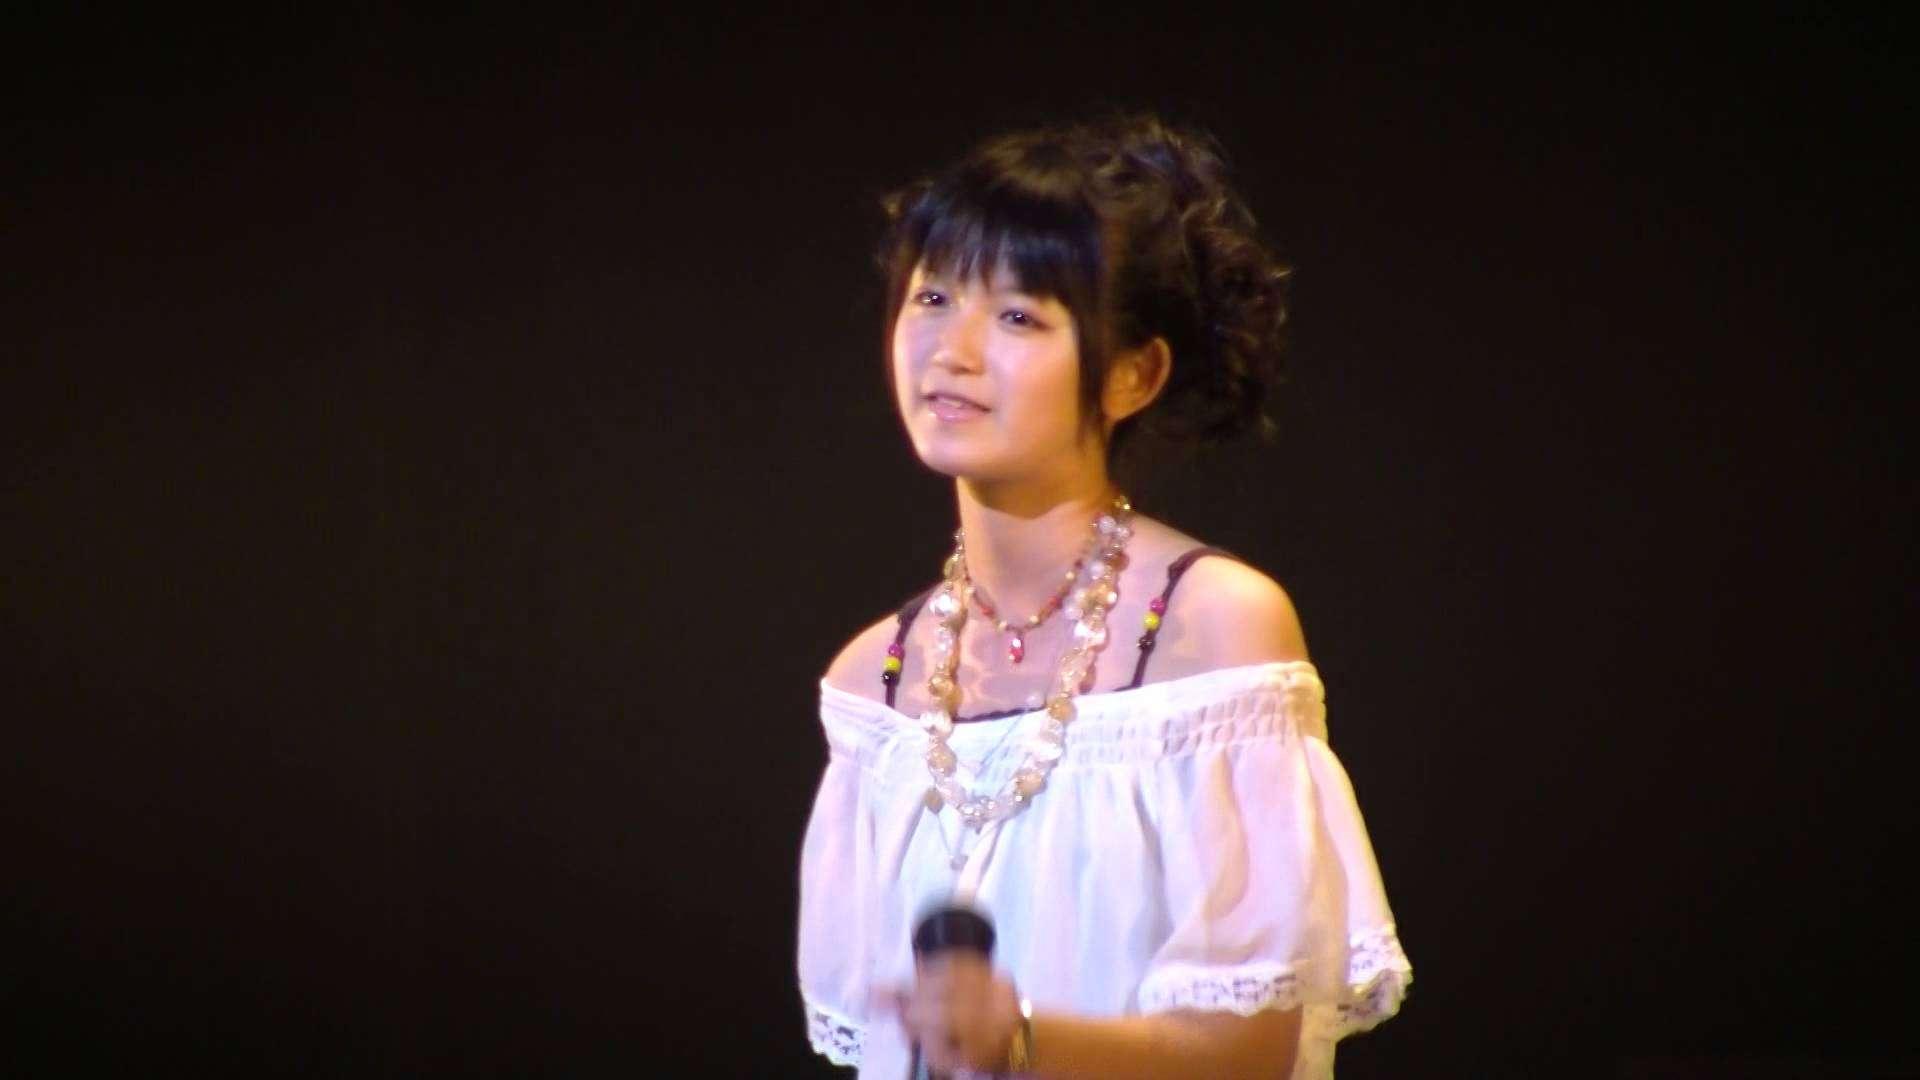 20110923 ASH 2011 autumn act 中元すず香 - オトシモノ - YouTube